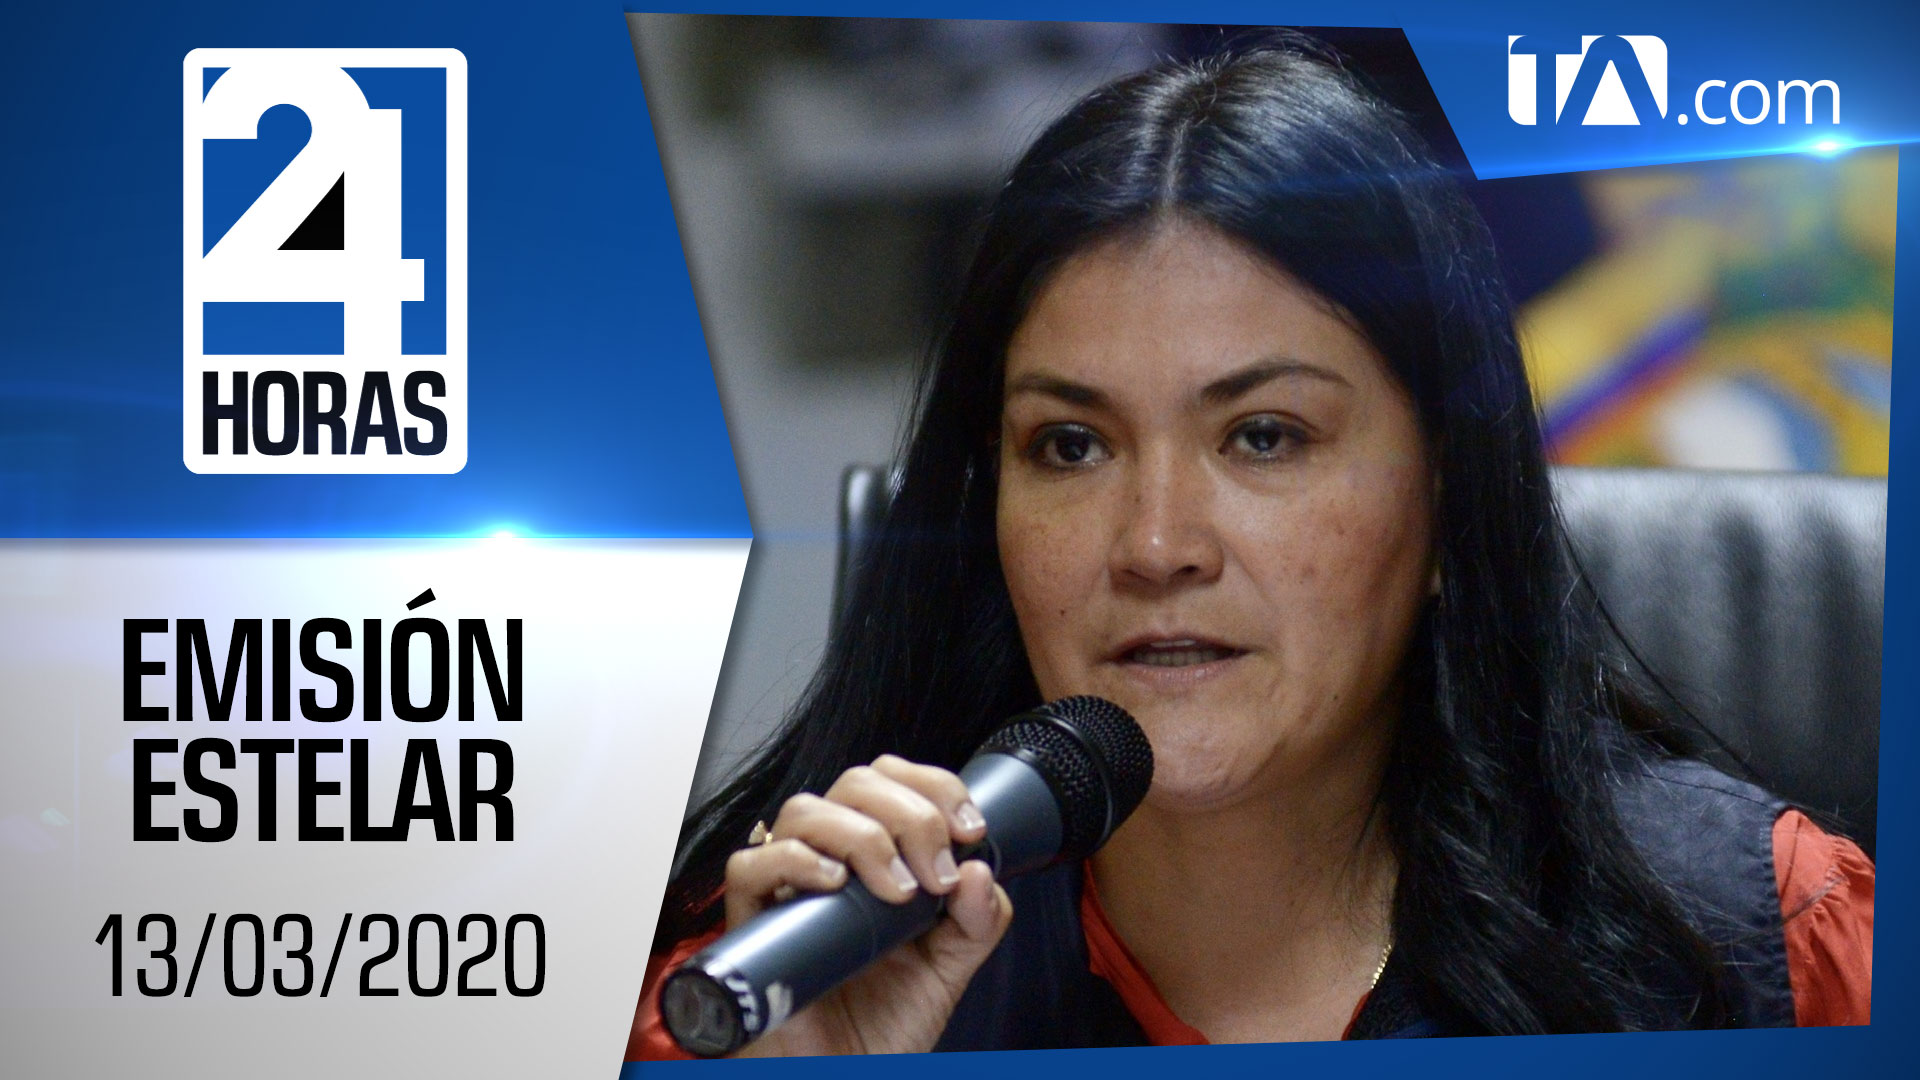 Noticias Ecuador: Noticiero 24 Horas, 13/03/2020 (Emisión Estelar)